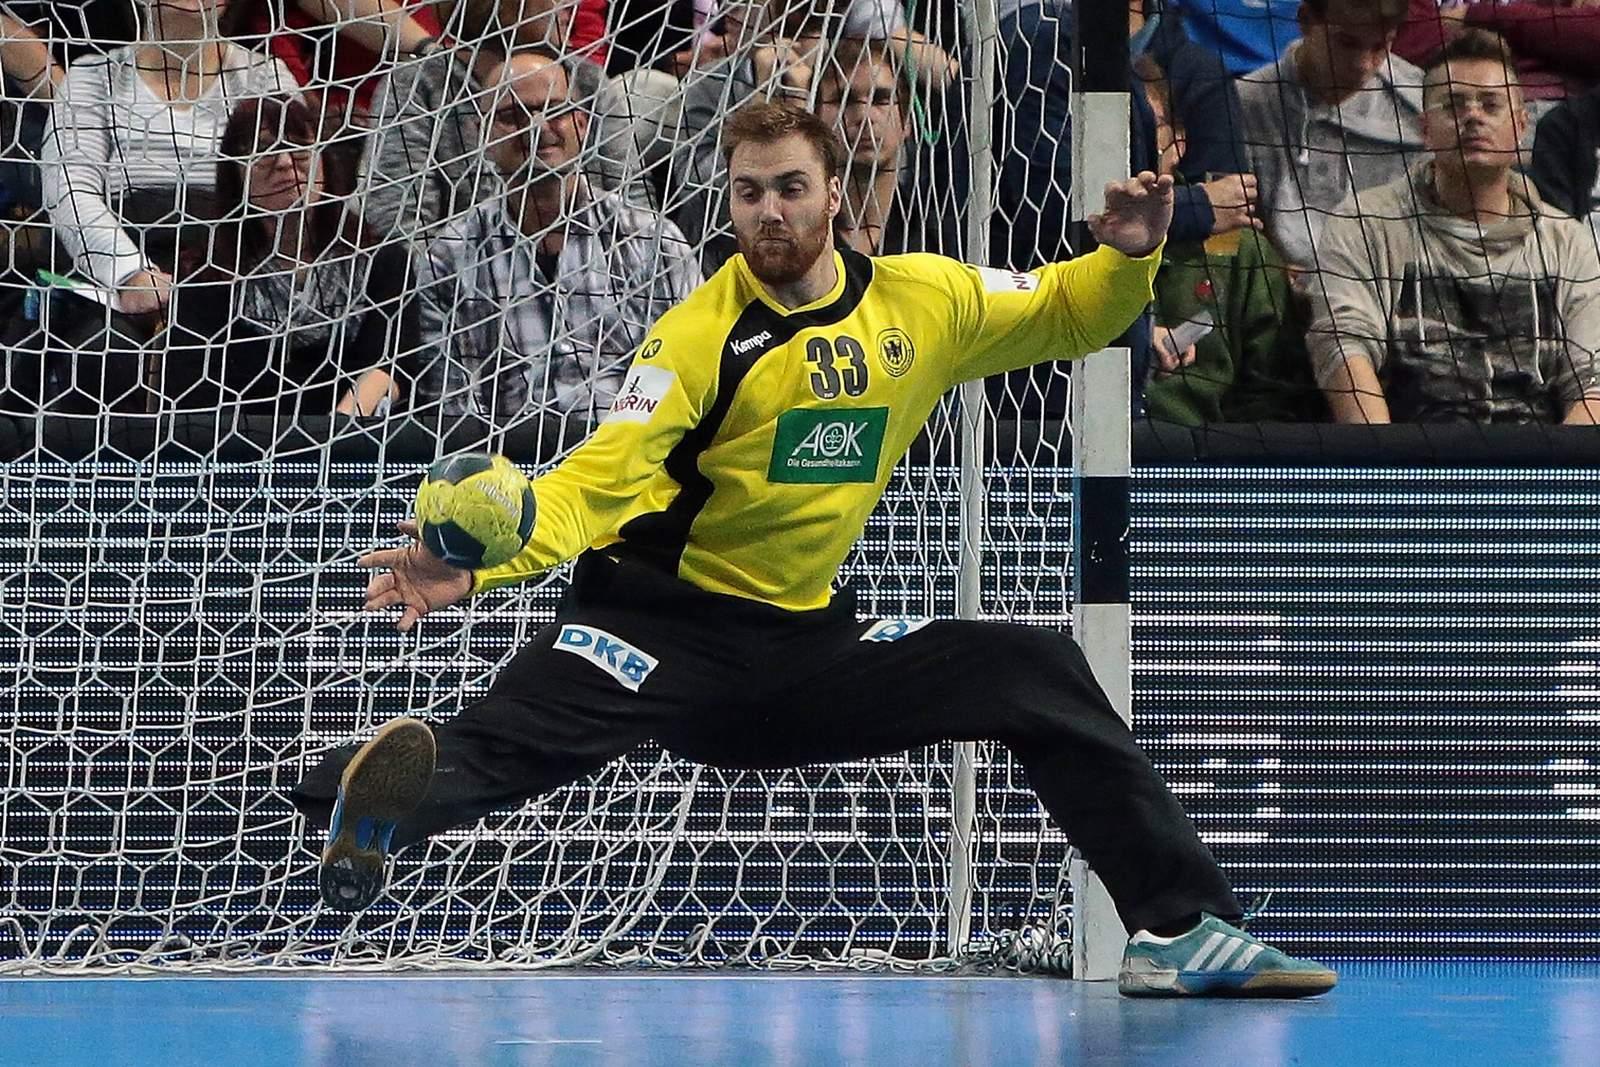 Zeigt Wolff wieder eine starke Parade? Jetzt auf Handball Weltmeister Deutschland wetten